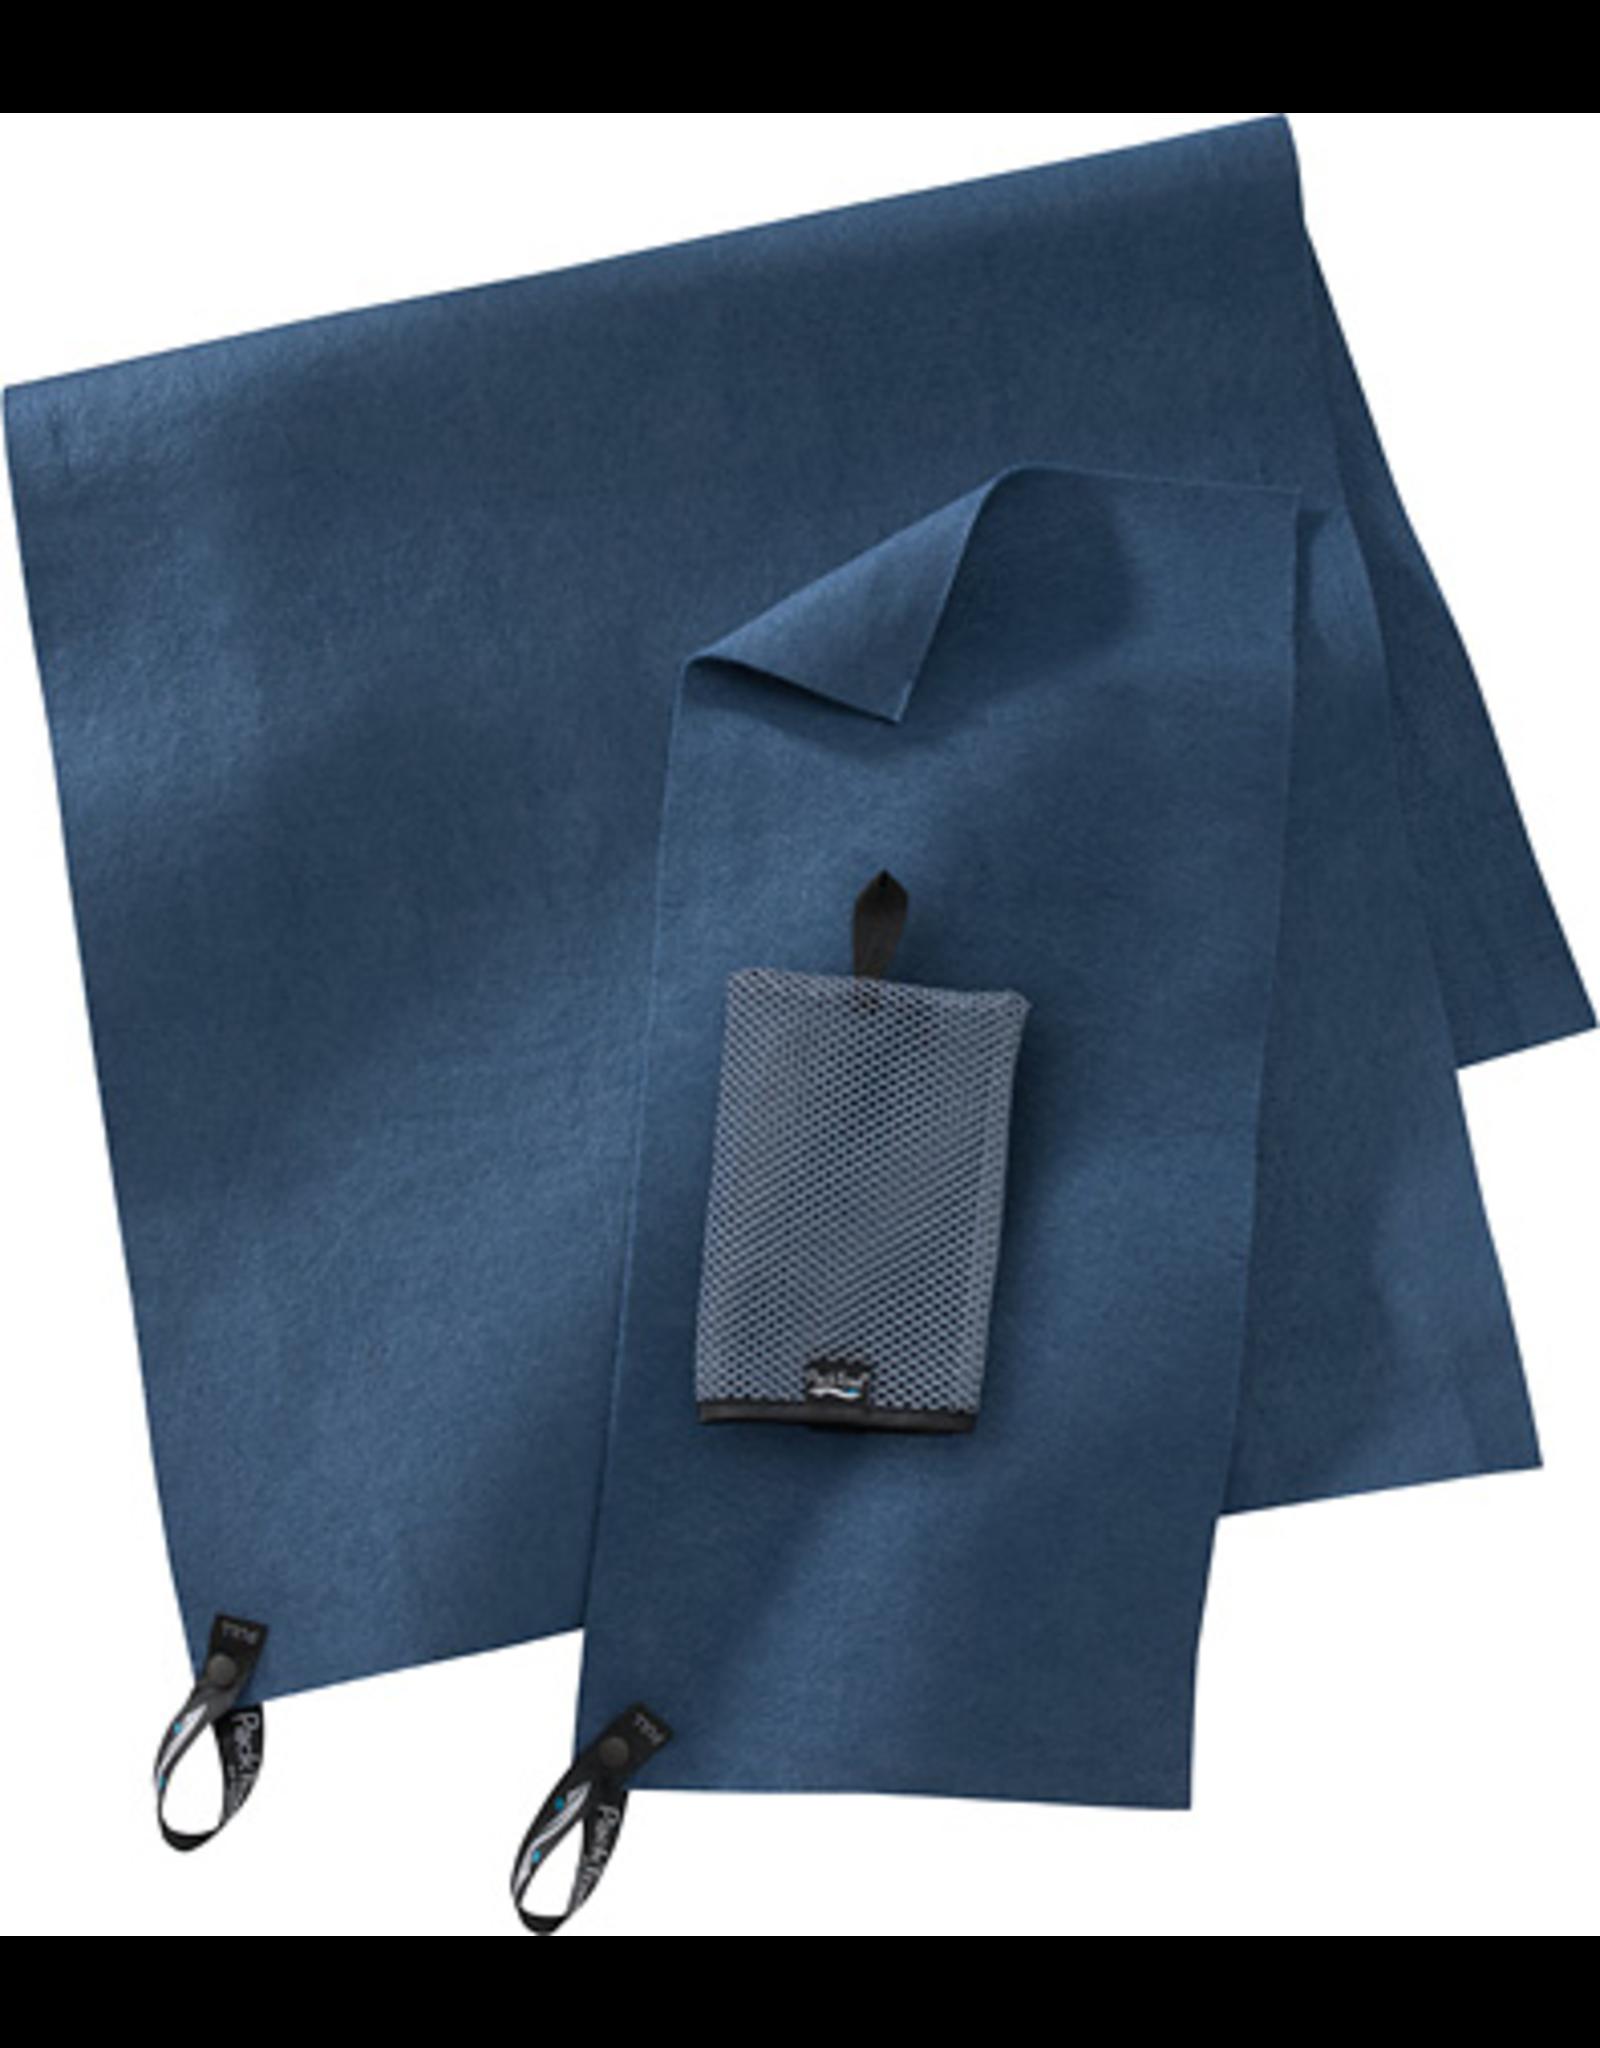 Packtowl Packtowl PackTowel, Original, XL, Blue 2016